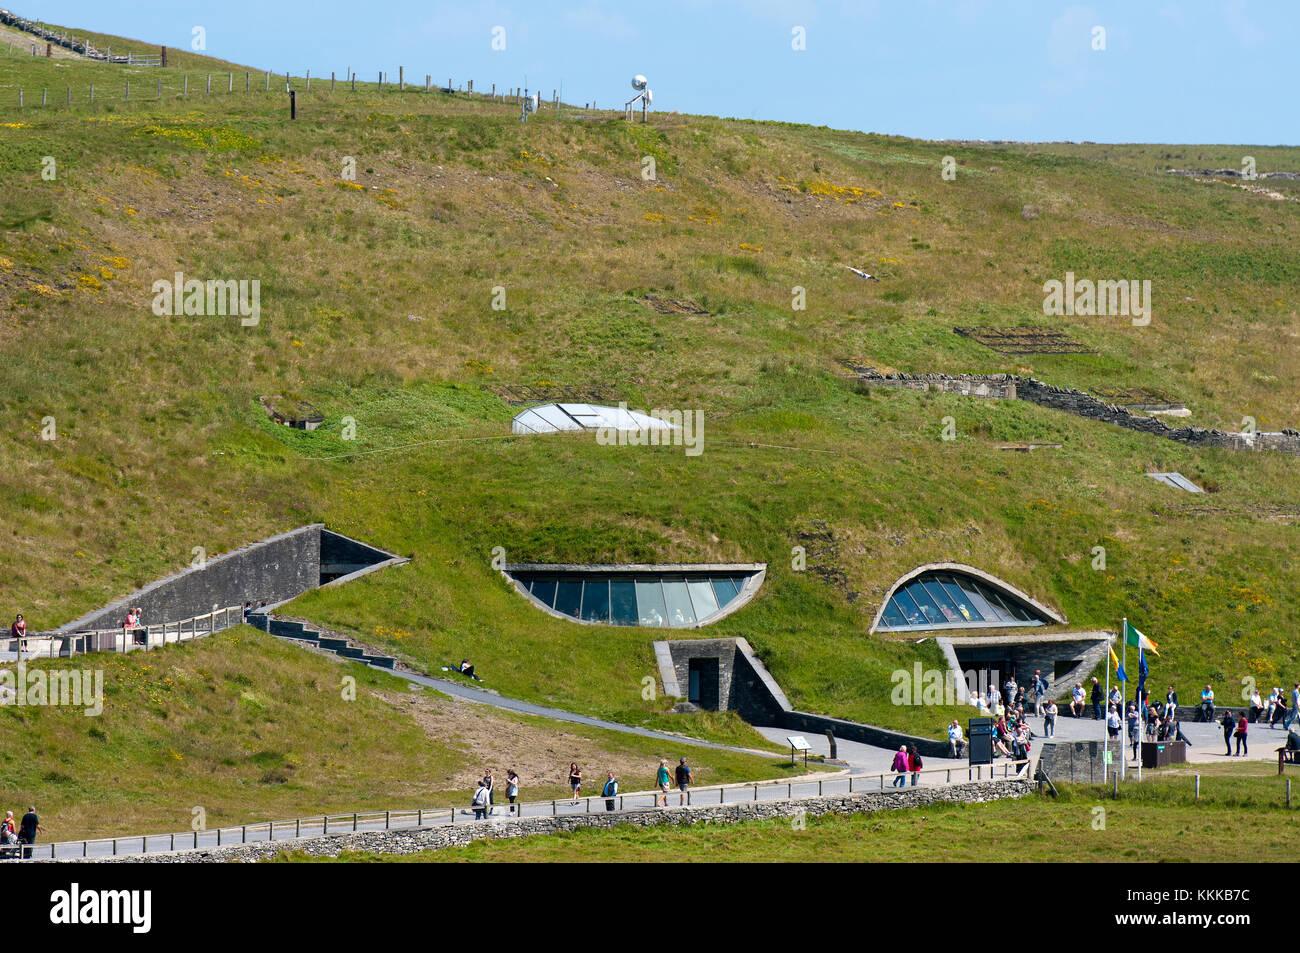 Centro visitatori delle scogliere di Moher, County Clare, Irlanda Immagini Stock